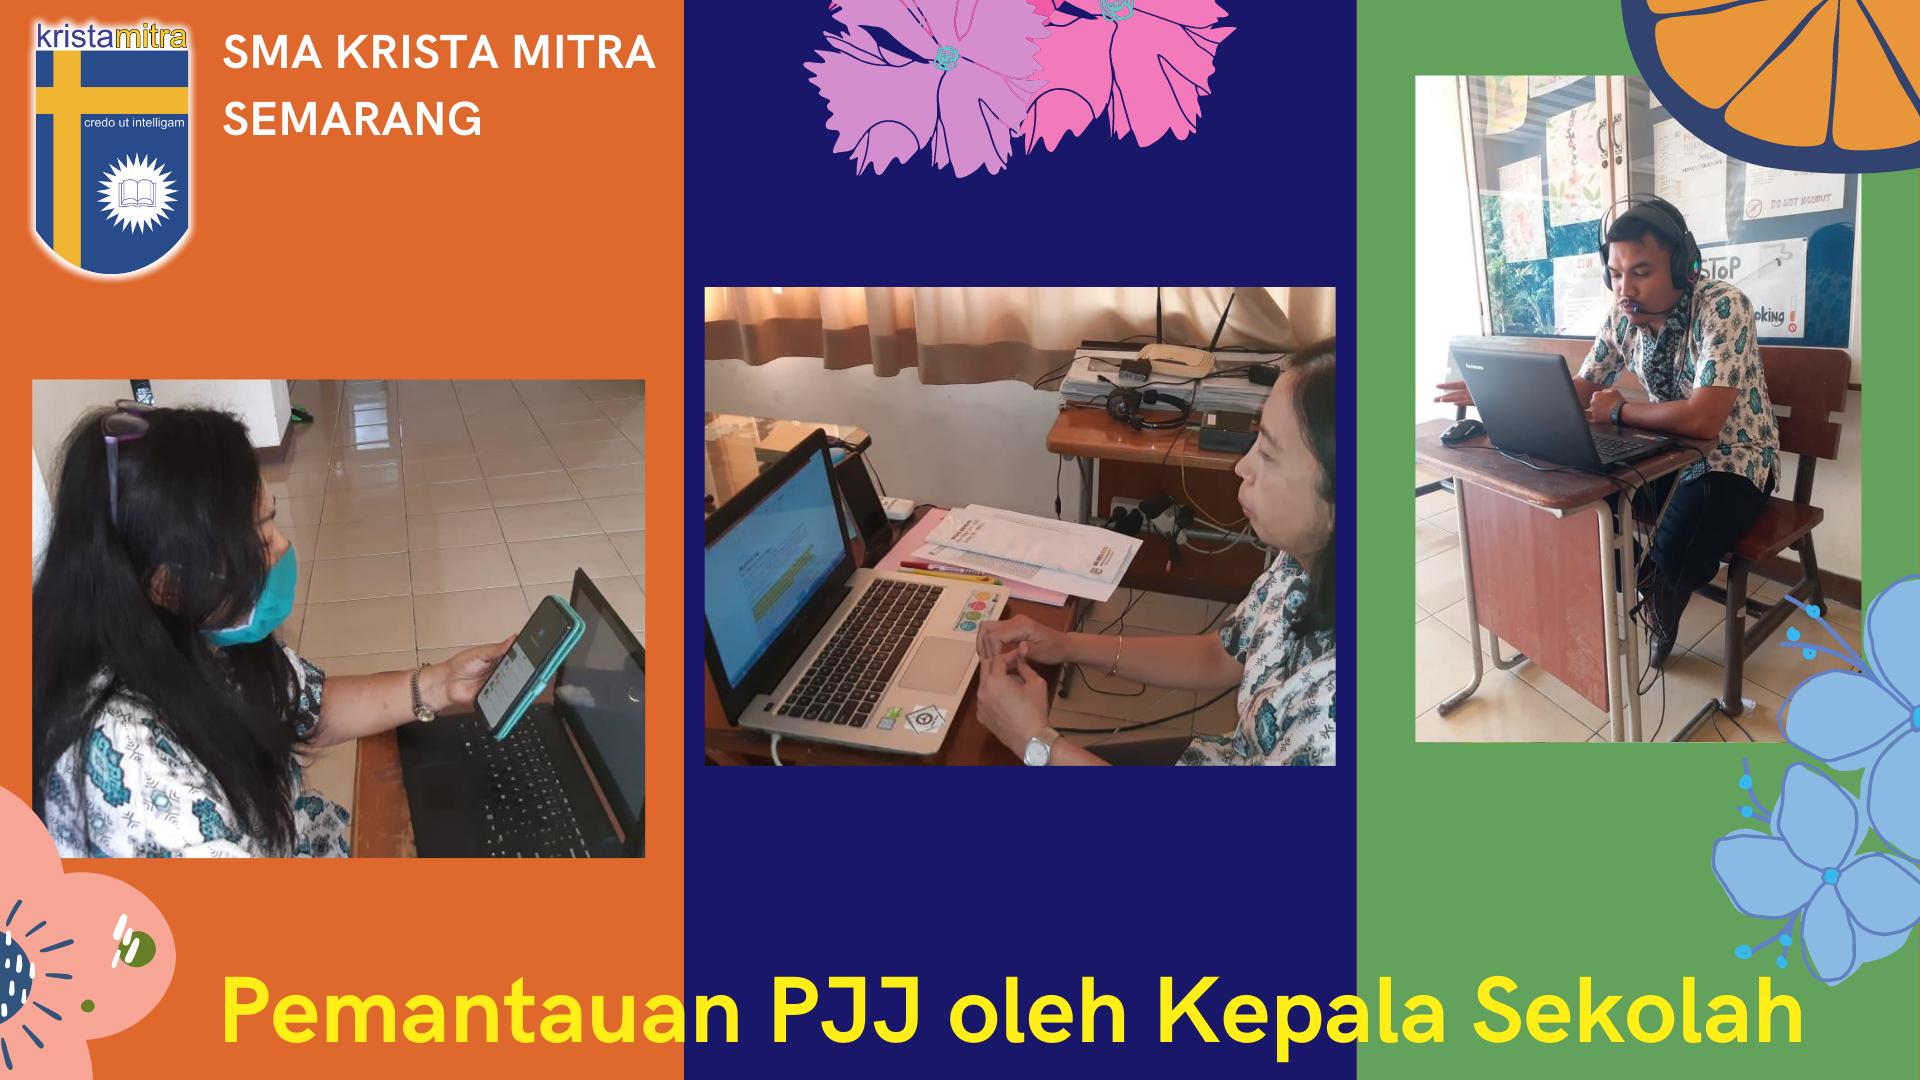 Pemantauan PJJ oleh Kepala Sekolah